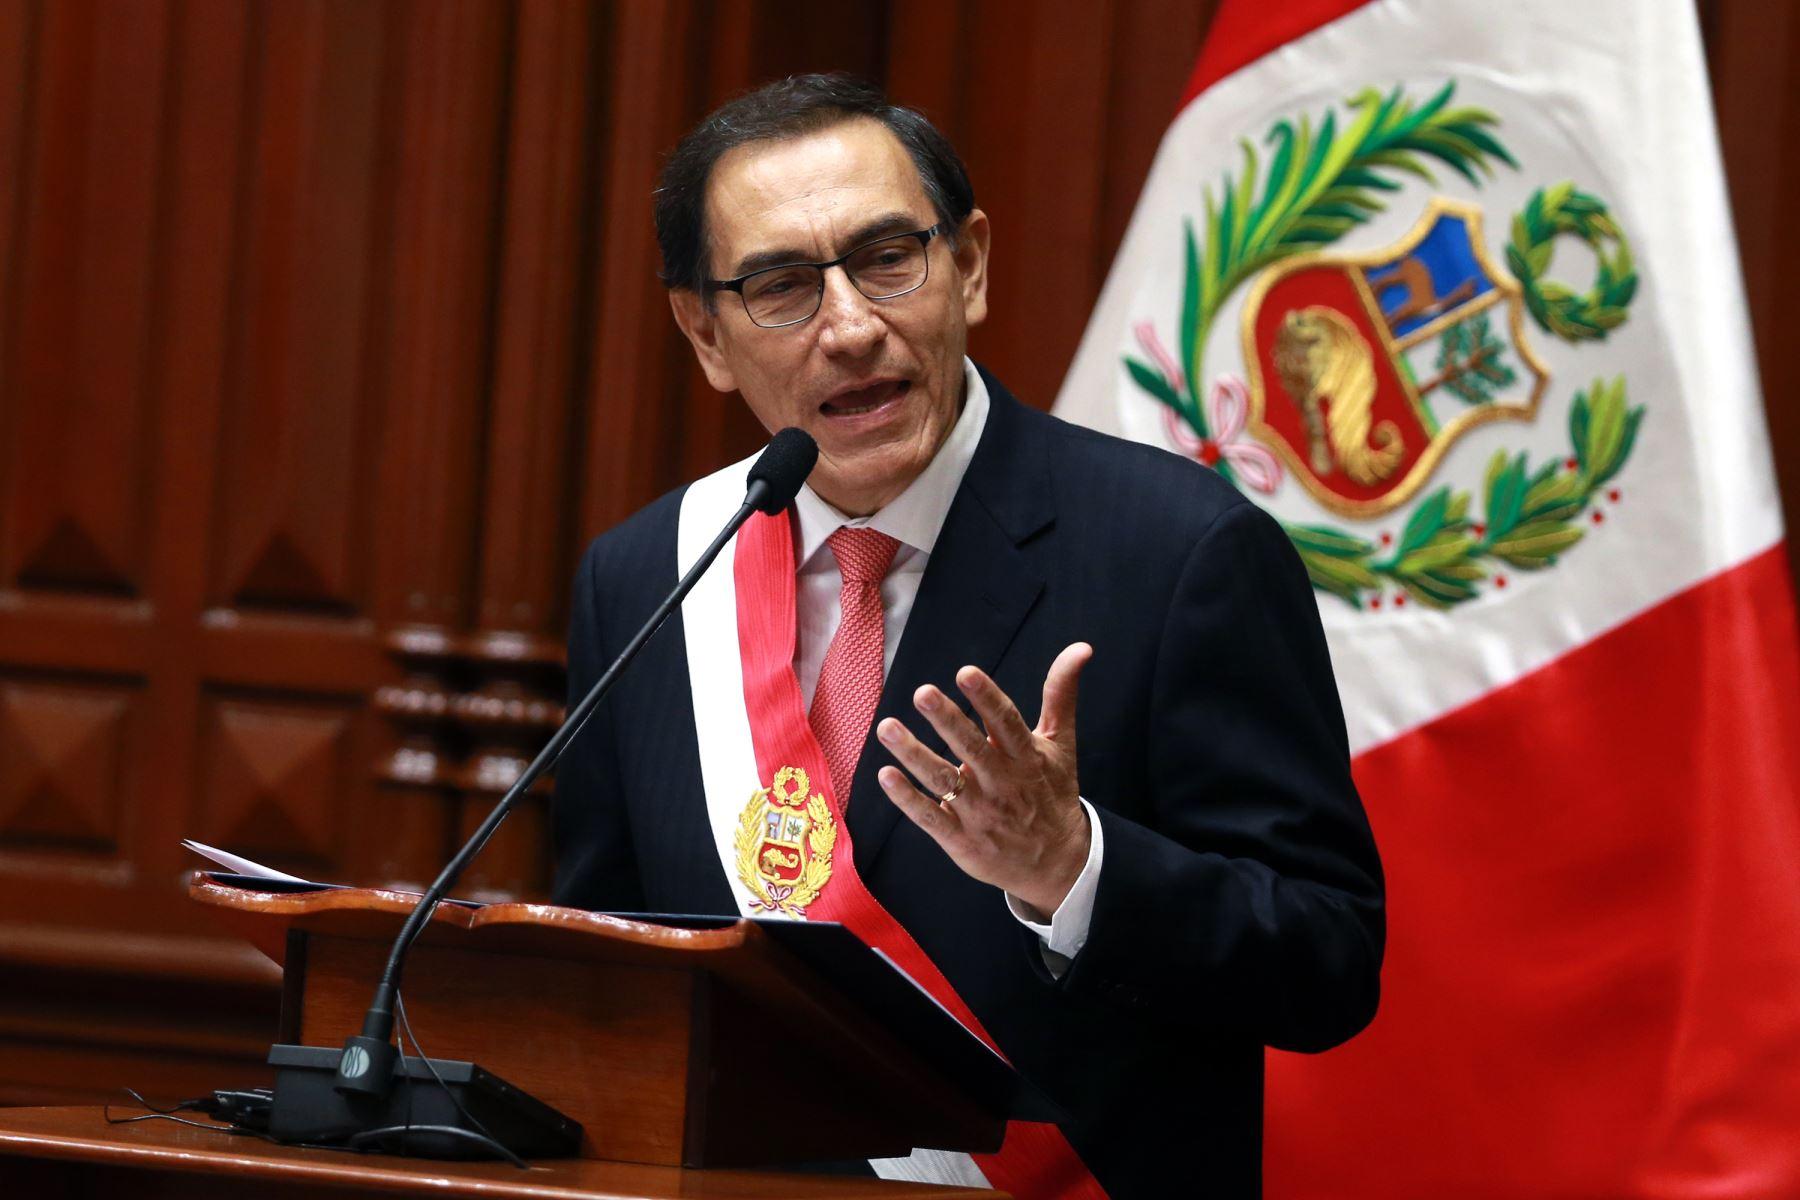 Fiscalía de Perú en operación allana propiedades de PPK